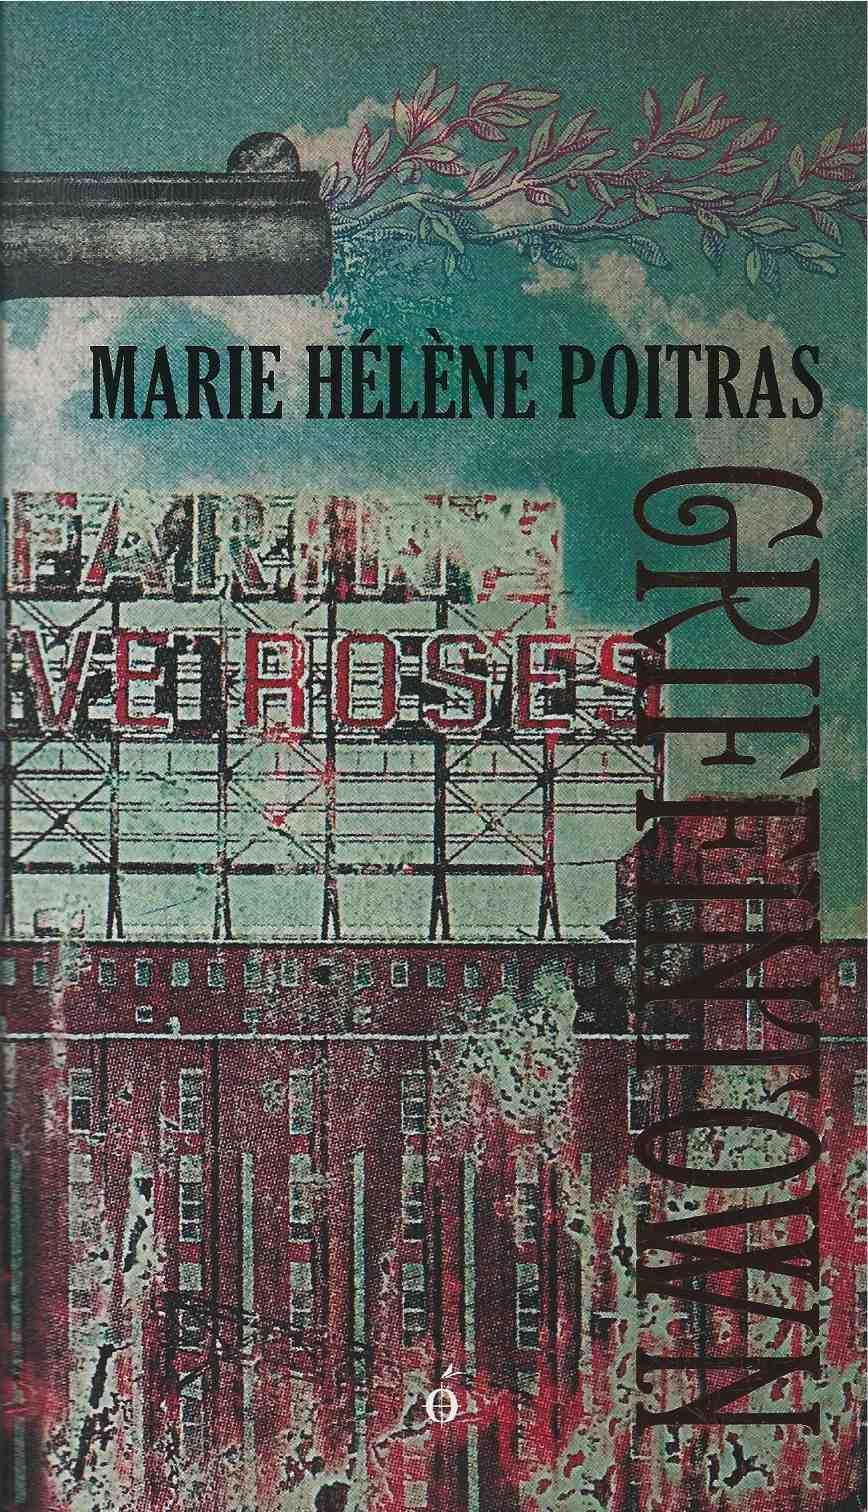 Marie-Hélène Poitras, Griffintown, édition de poche, 2013, couverture